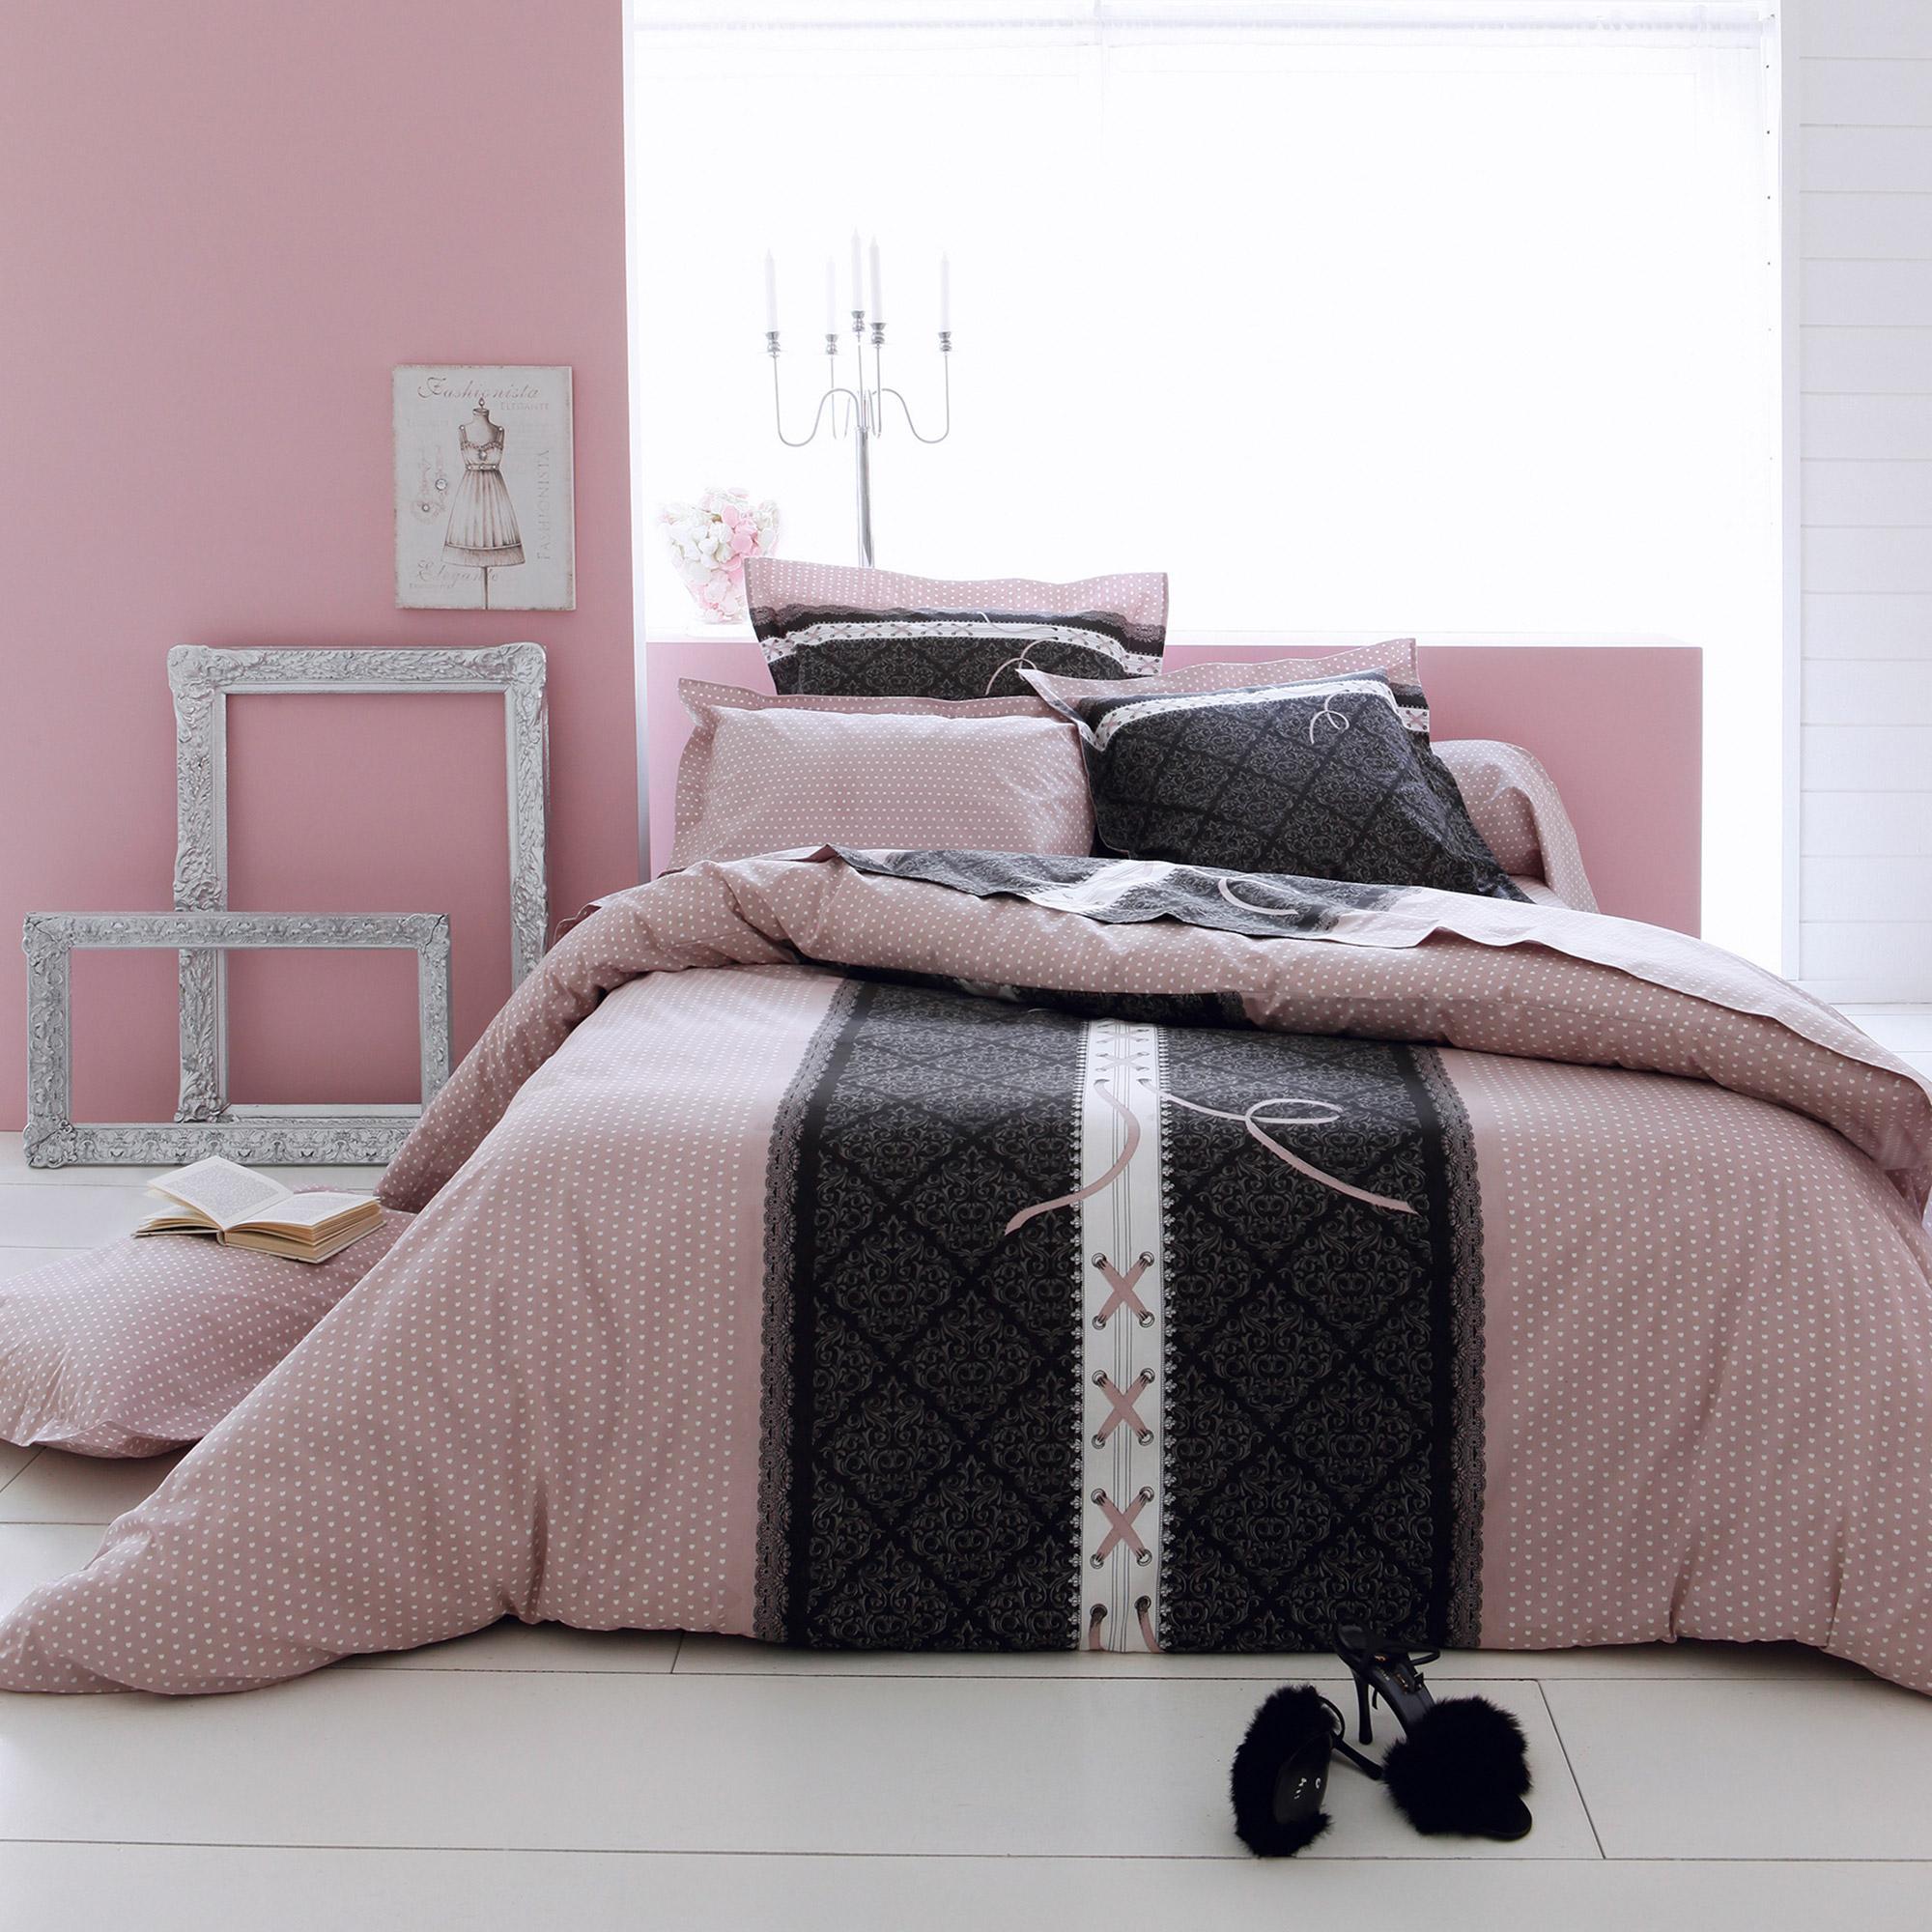 parure de lit 200x200 cm 100 coton glamour rose 3 pi ces linnea linge de maison et. Black Bedroom Furniture Sets. Home Design Ideas